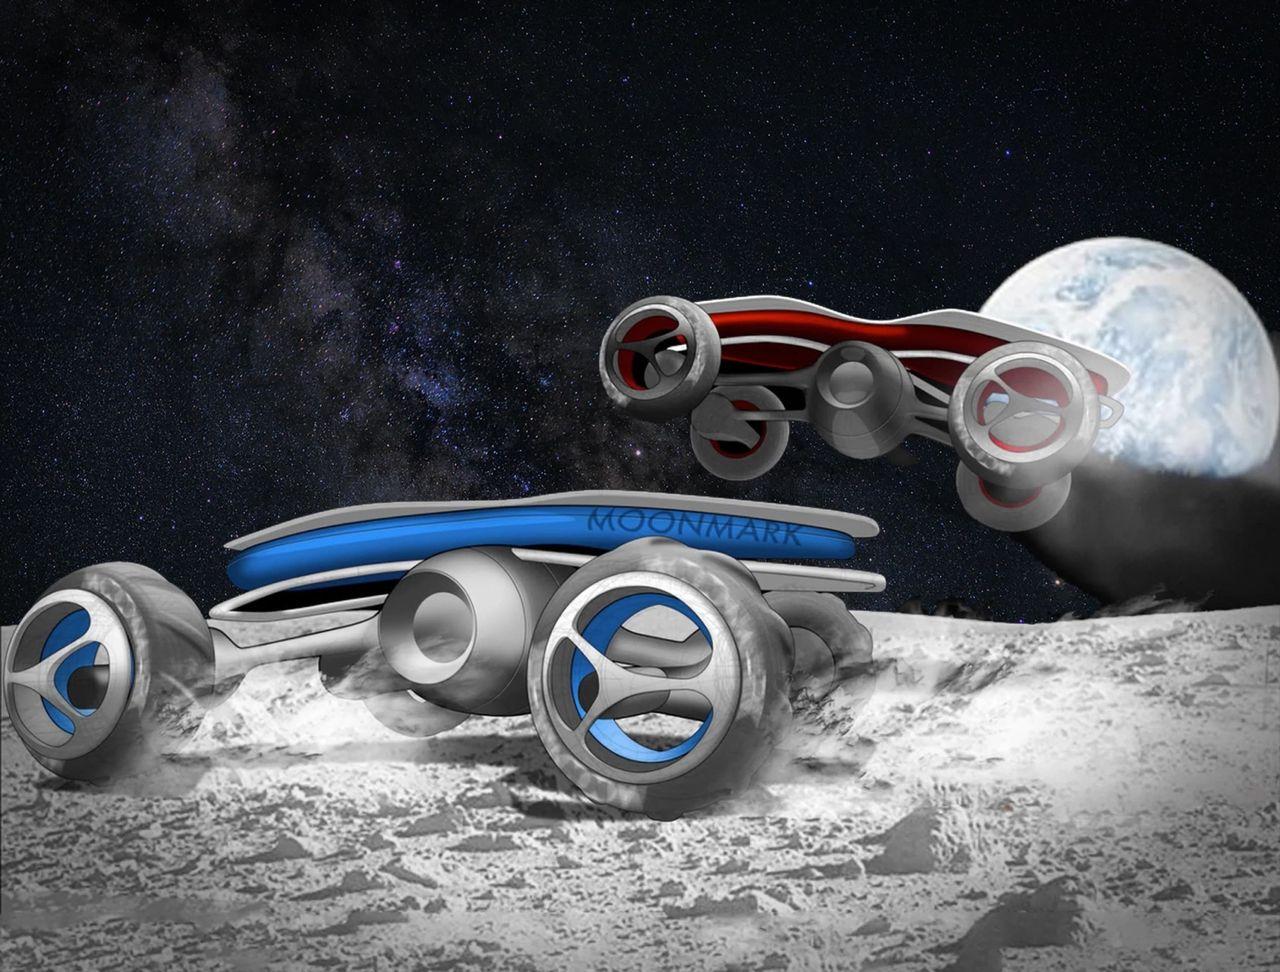 Företag siktar på att tävla med radiostyrda bilar på månen